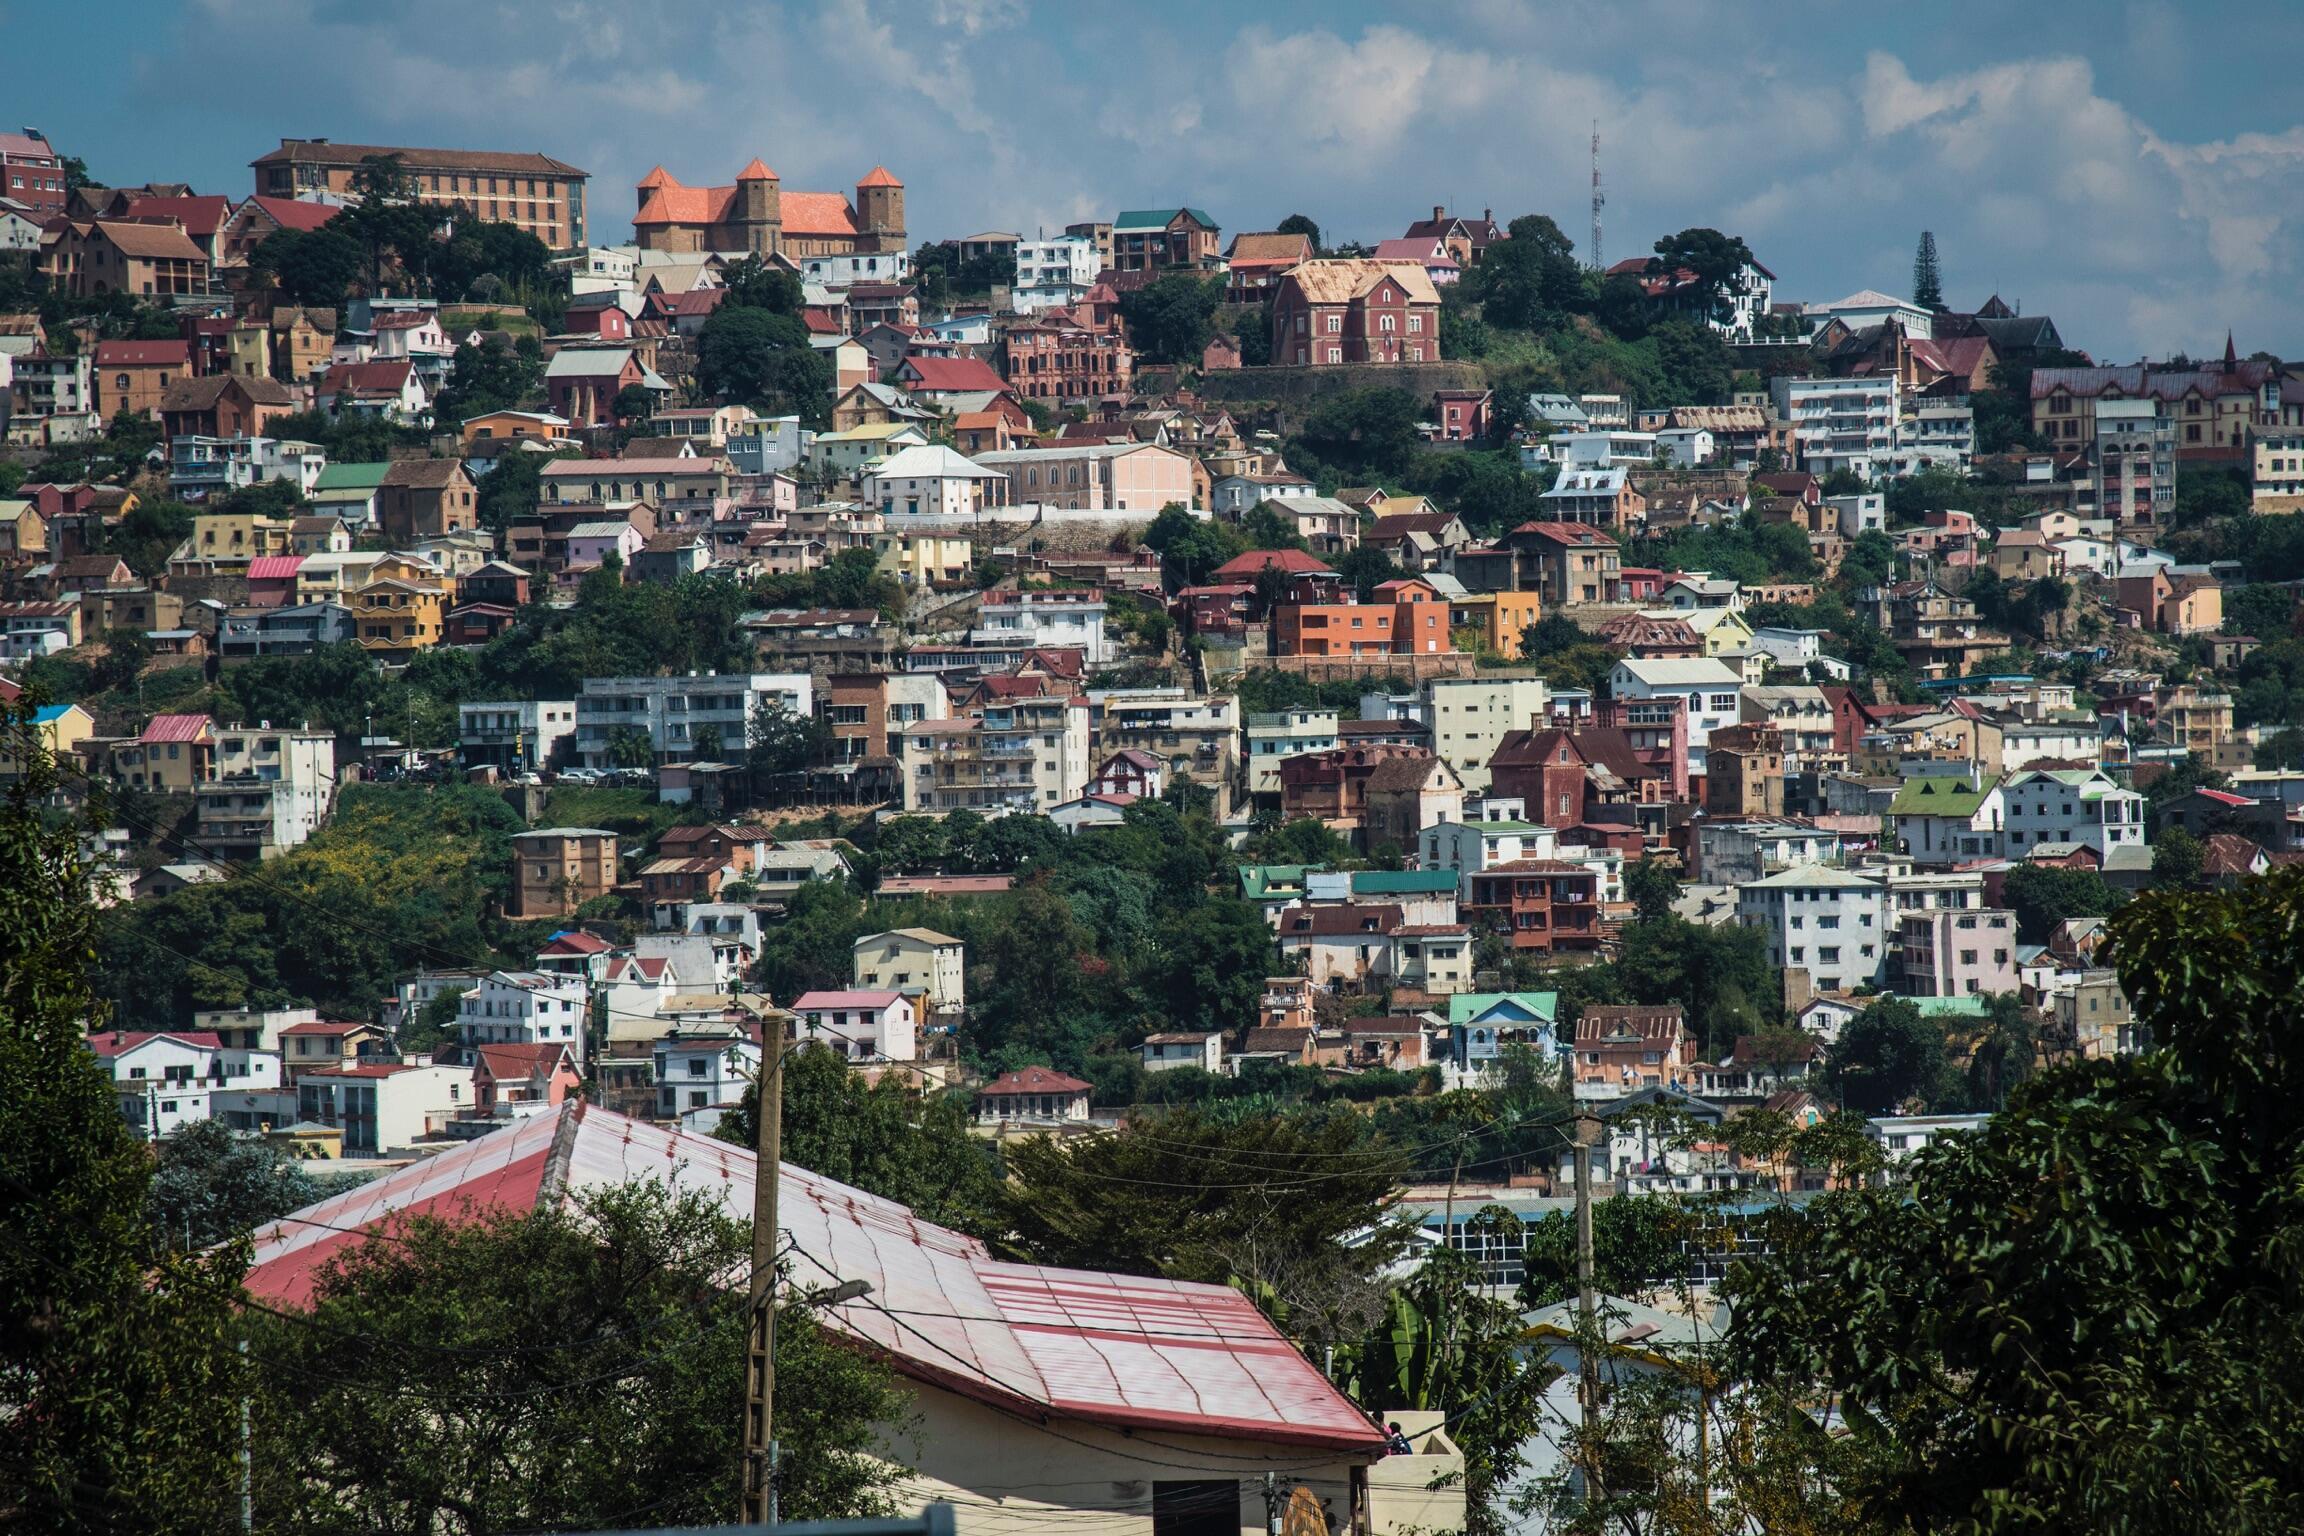 A Antananarivo, le nouveau Premier ministre a exposé ses priorités, mercredi 6 juin 2018 (photo d'illustration).